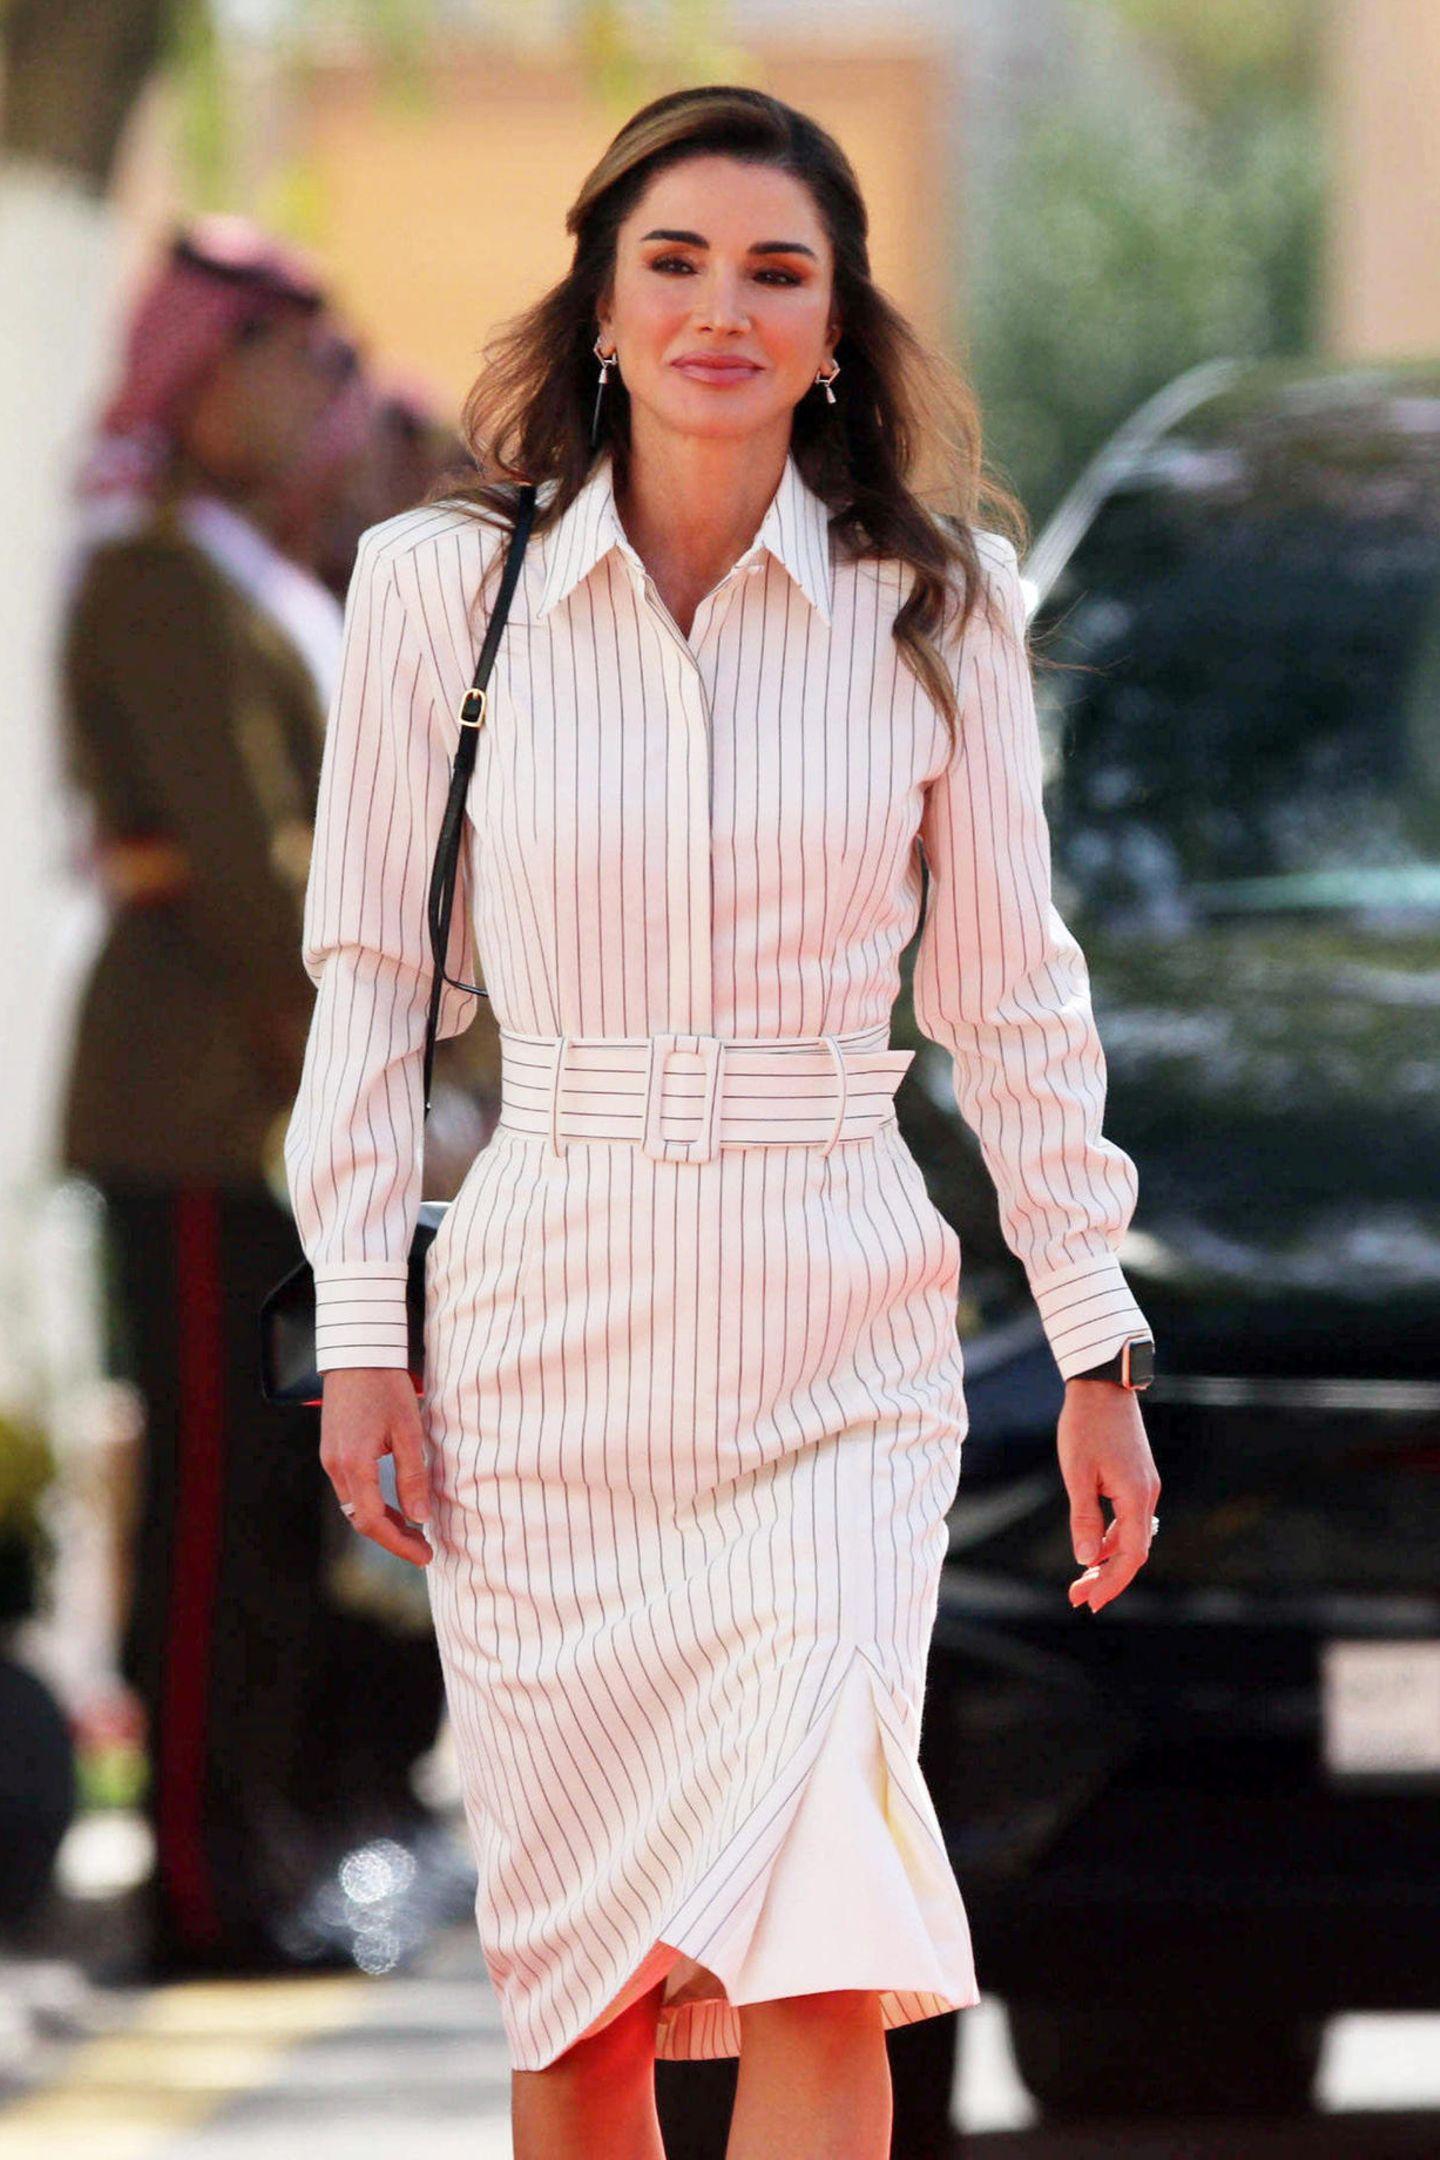 Königin Rania auf Streifzug: Bei der Eröffnung des jordanischen Parlaments in Amman zeigt Rania in einem knielangen Kleid, was sie hat. Das enge, gestreifte Hemdblusen-Kleid stammt vom Label Sara Battaglia und betont die schlanke Silhouette der Königin perfekt.